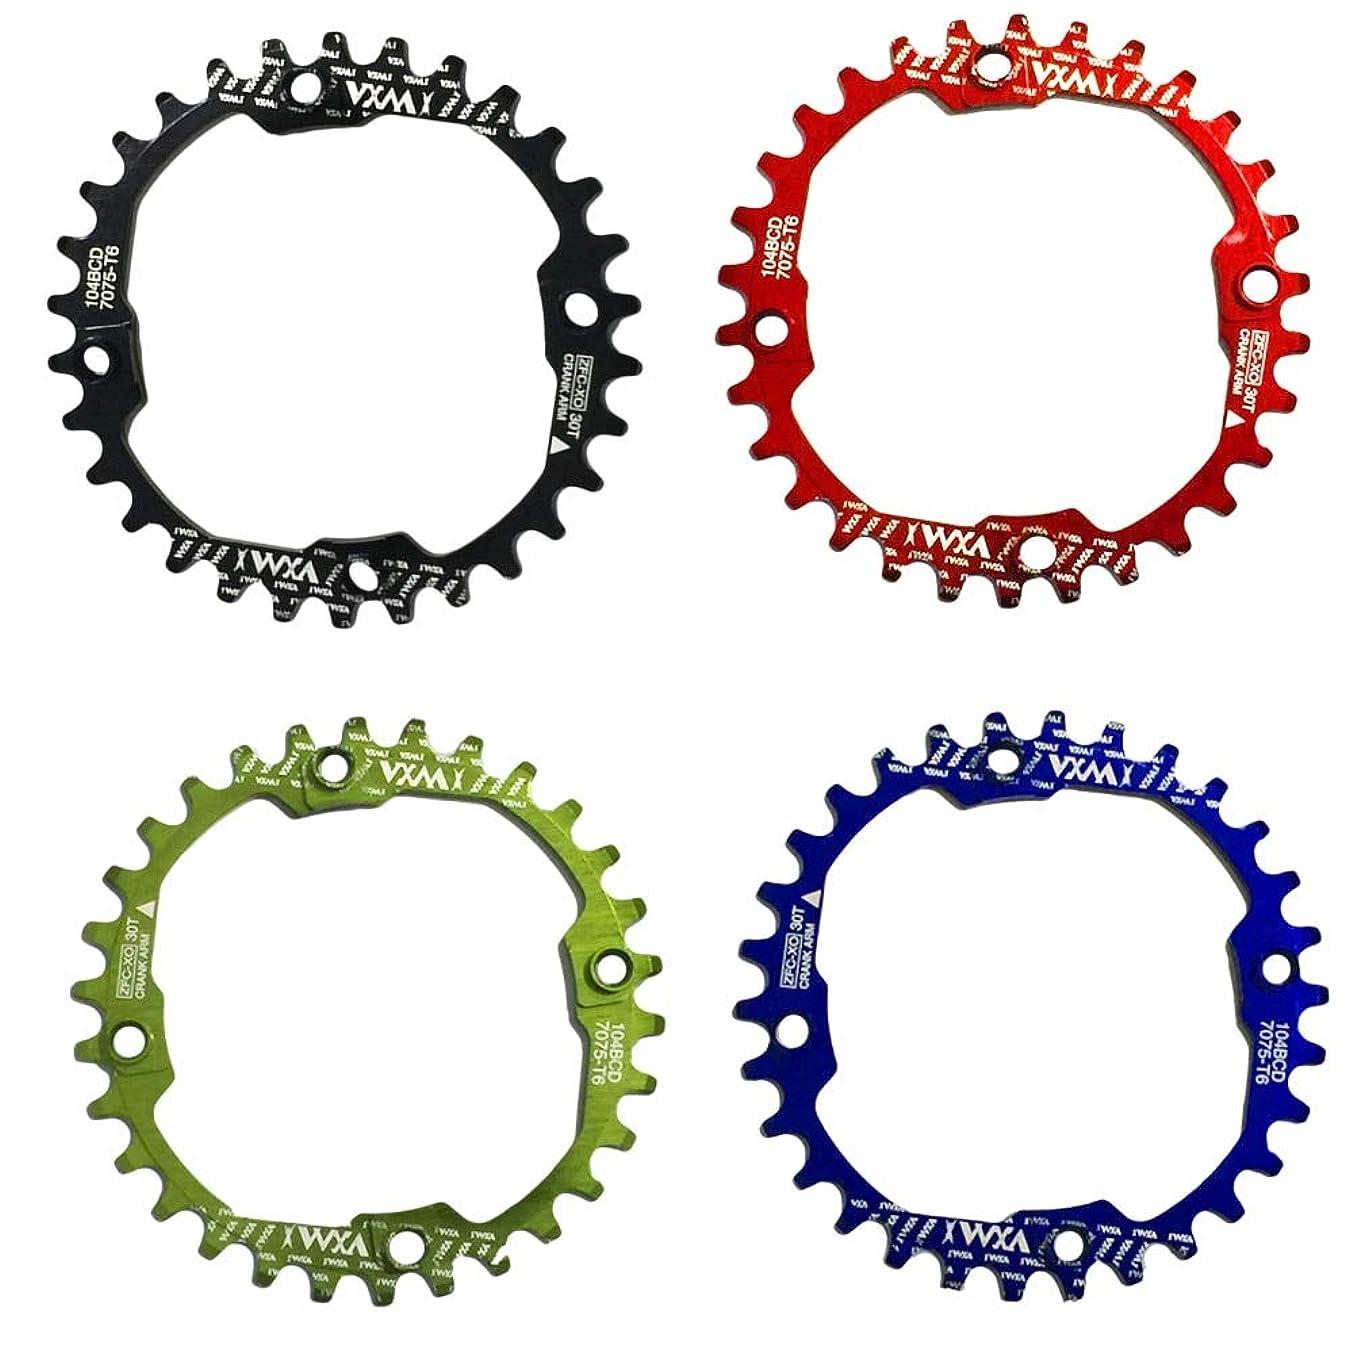 ぶら下がる髄無礼にPropenary - 1PC Bicycle Chainwheel Crank 30T 104BCD Aluminum Alloy Narrow Wide Chainring Round Bike Chainwheel Crankset Bicycle Parts [ Red ]